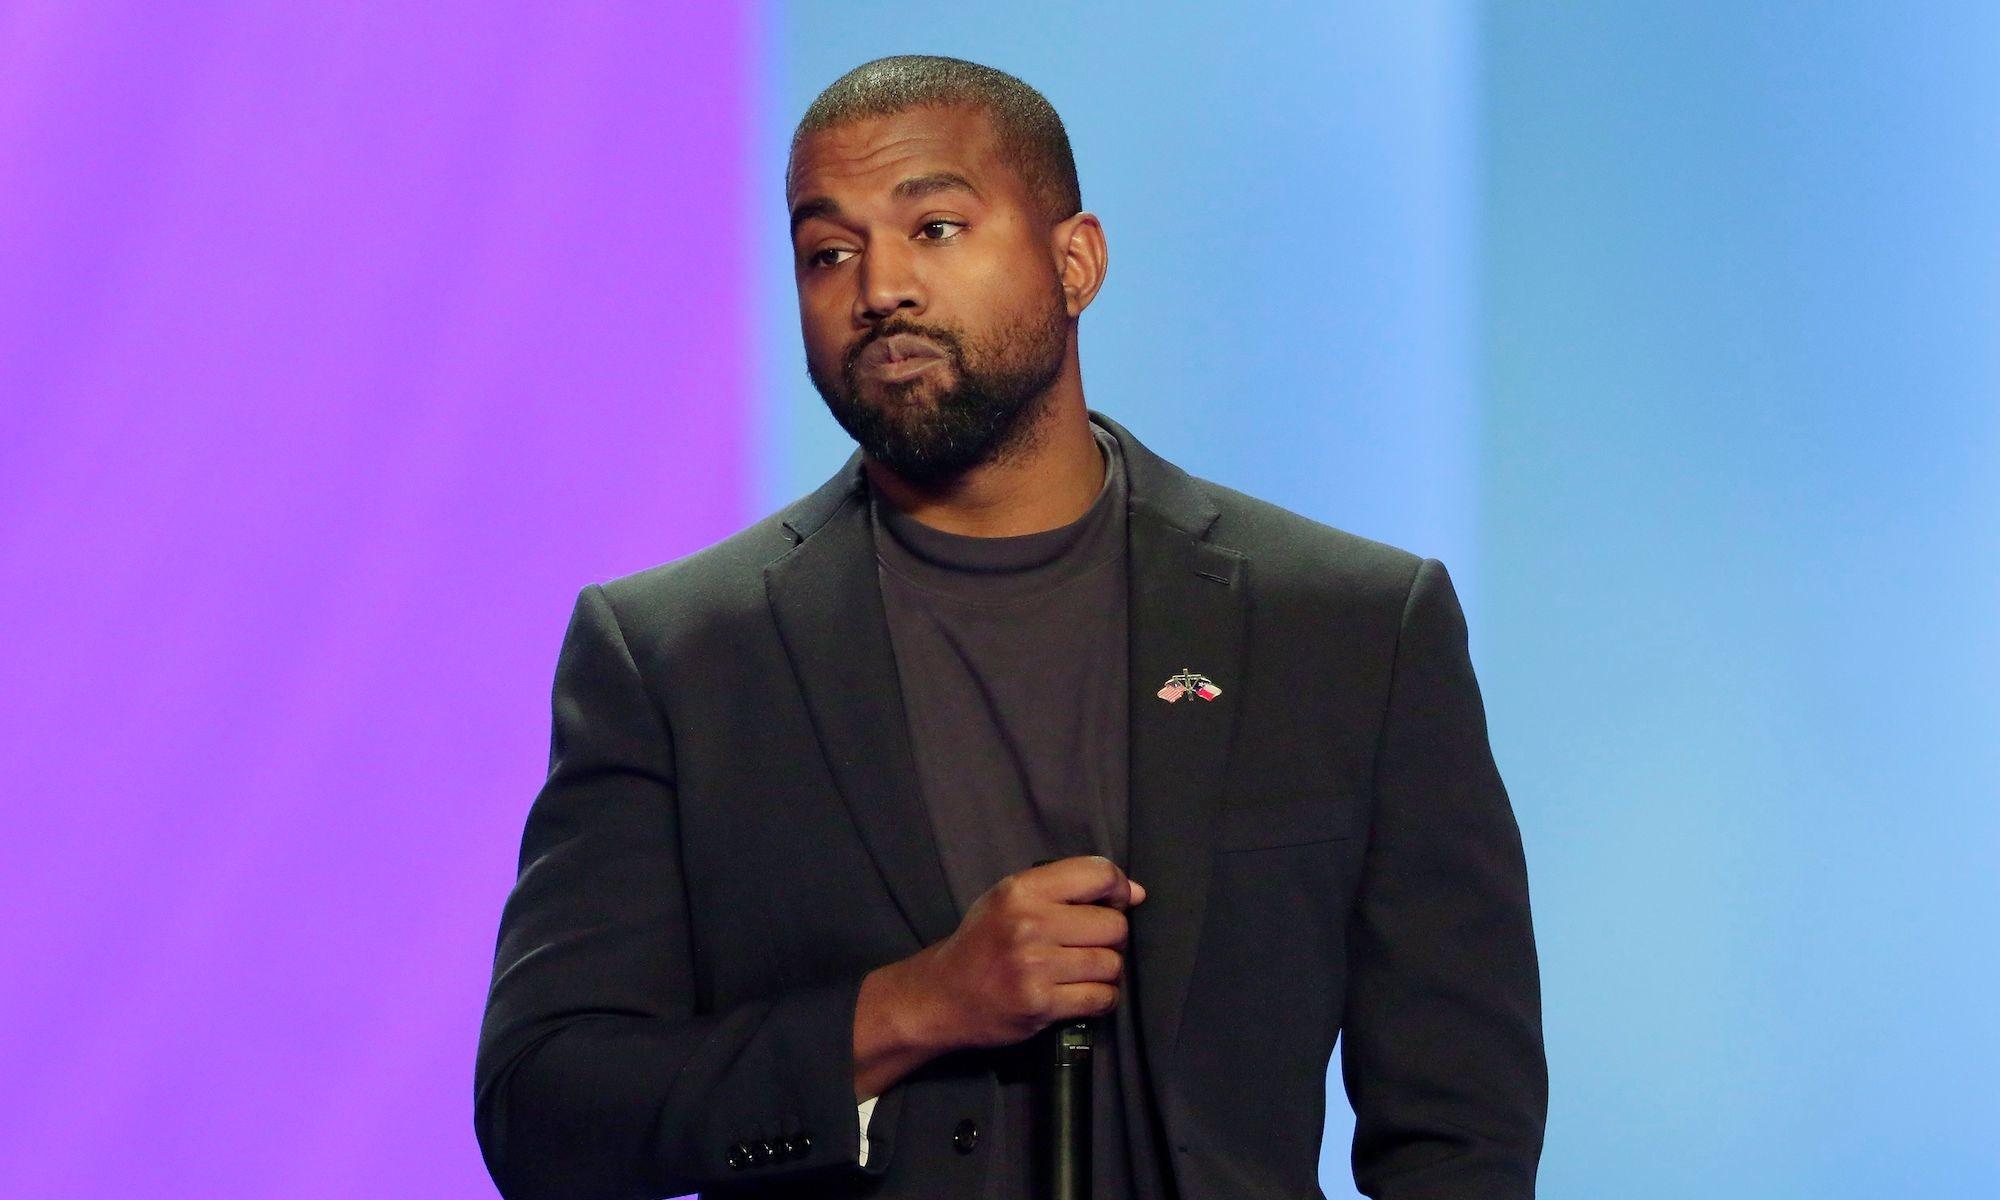 La campagna politica di Kanye West potrebbe naufragare per colpa di iPhone